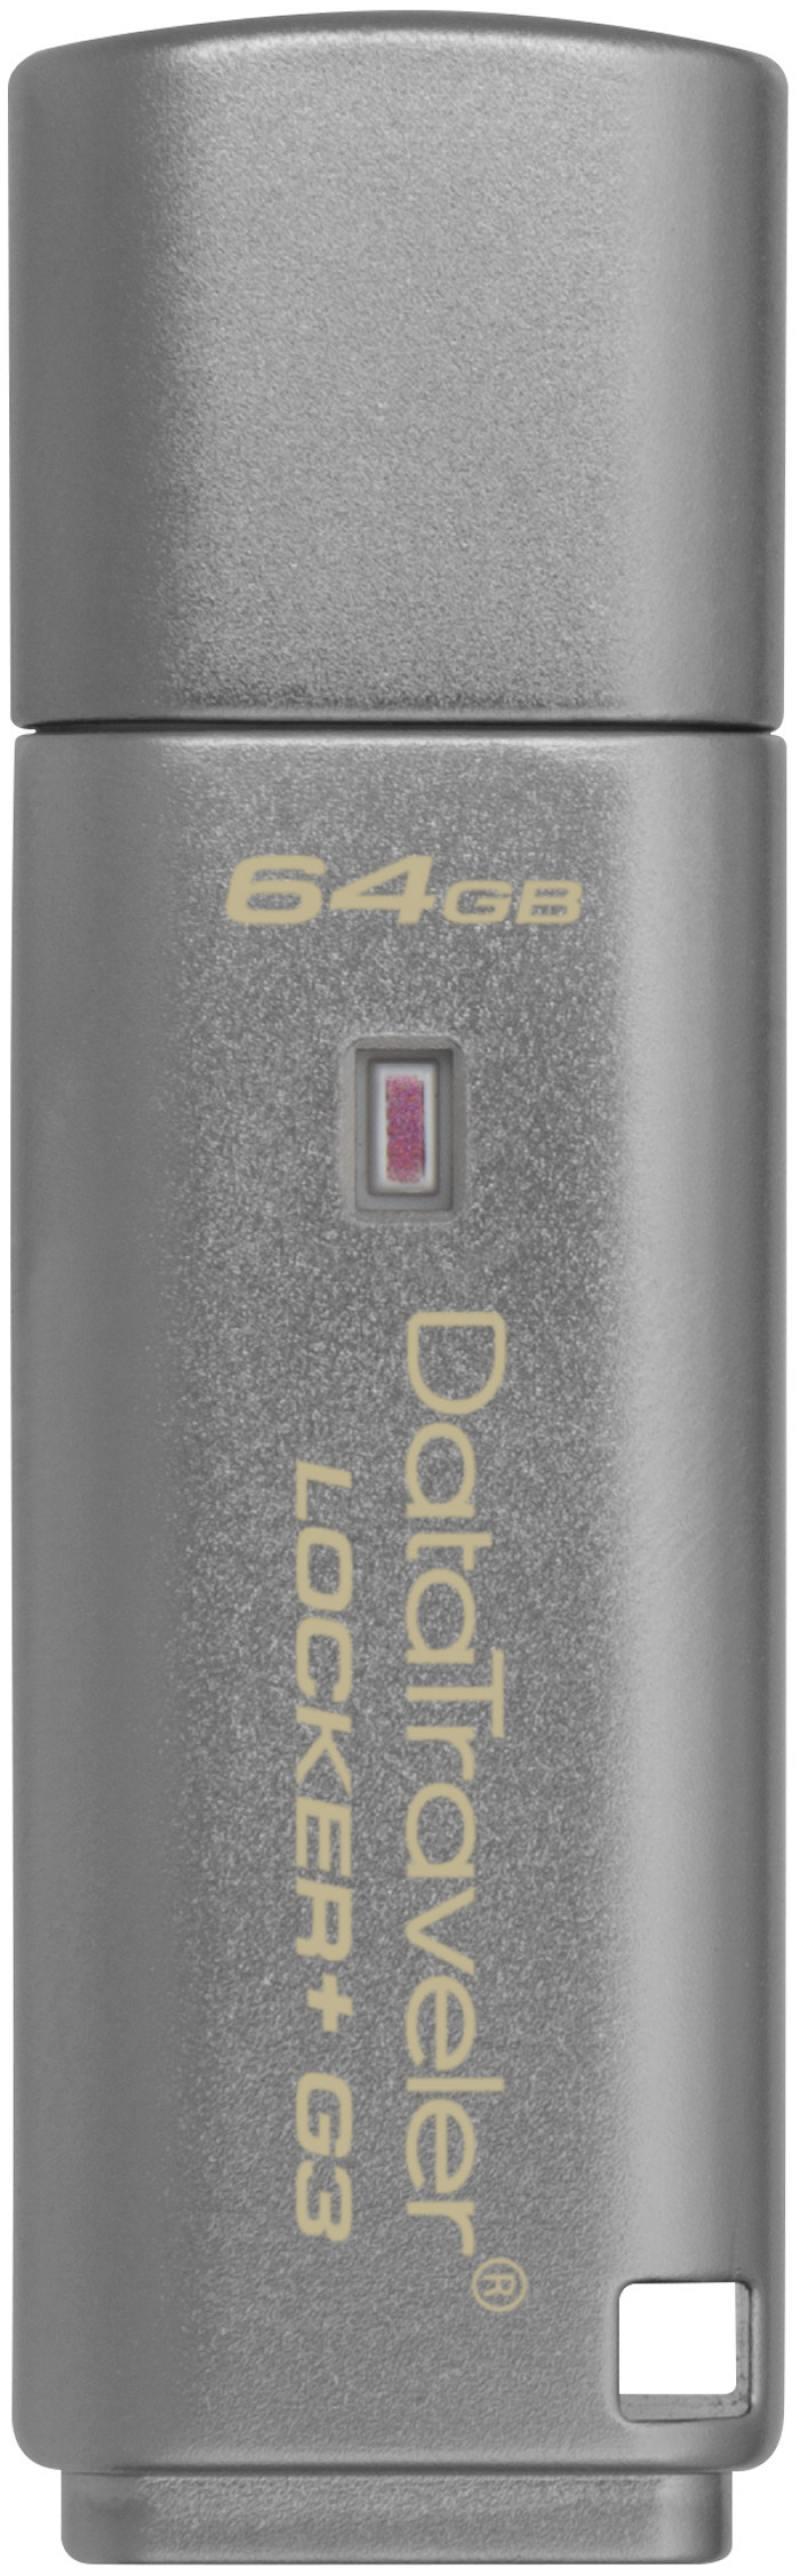 Флешка USB 64Gb Kingston DataTraveler LPG2 DTLPG3/64GB серебристый Locker+G3